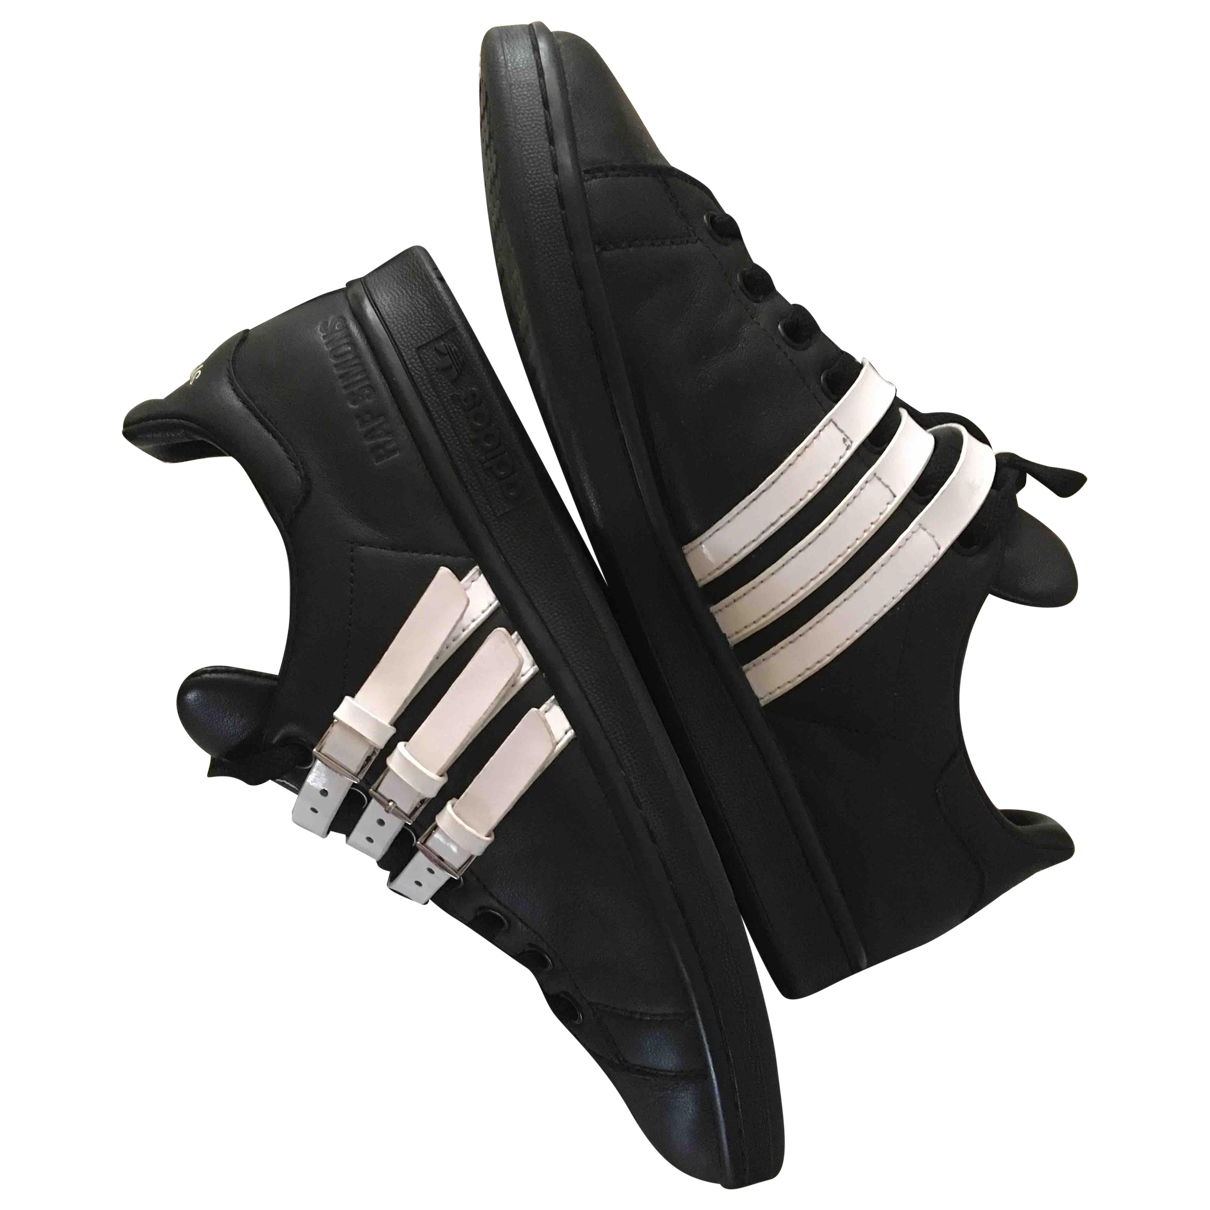 Adidas X Raf Simons - Baskets   pour homme en cuir - noir